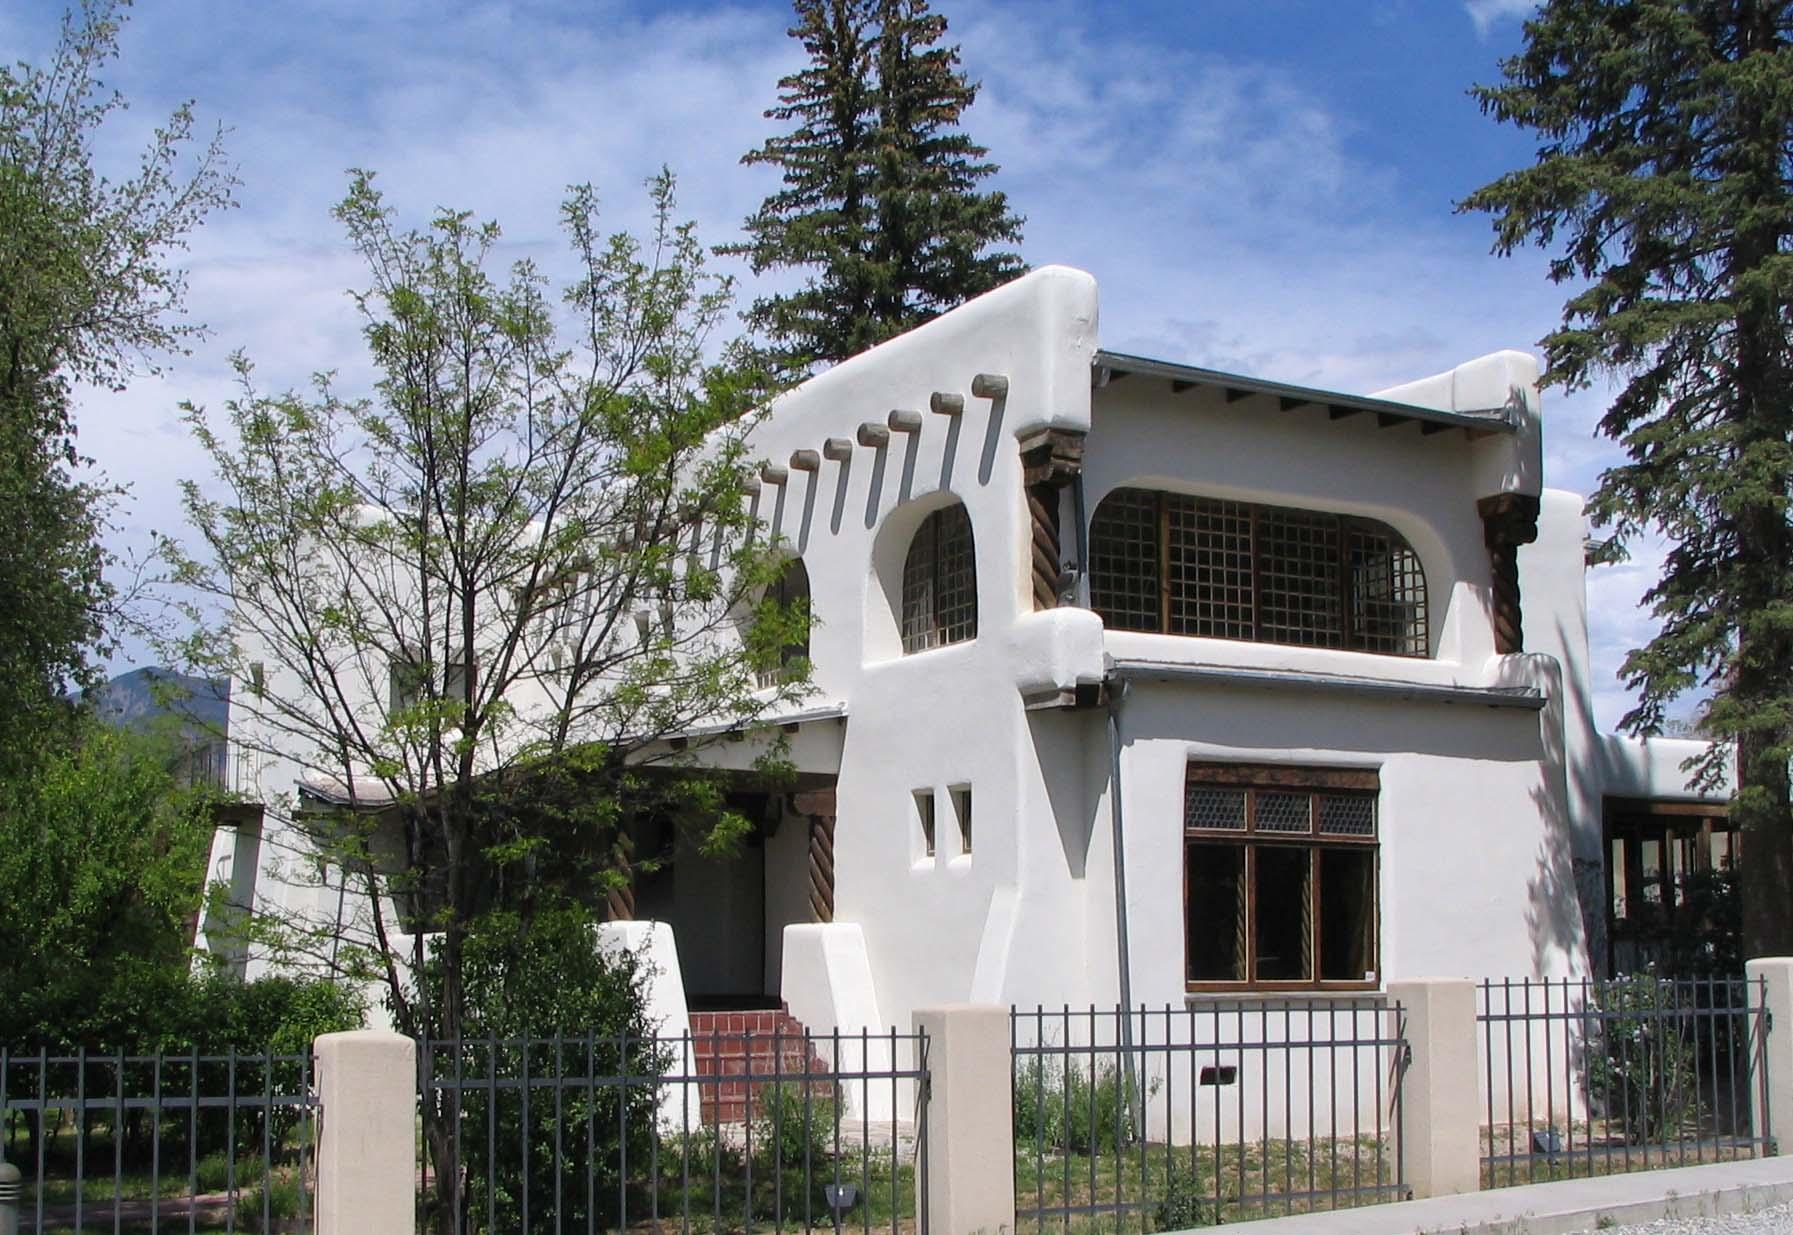 El Museo de Arte de Taos en la Casa Fechin Taos NM Estados Unidos